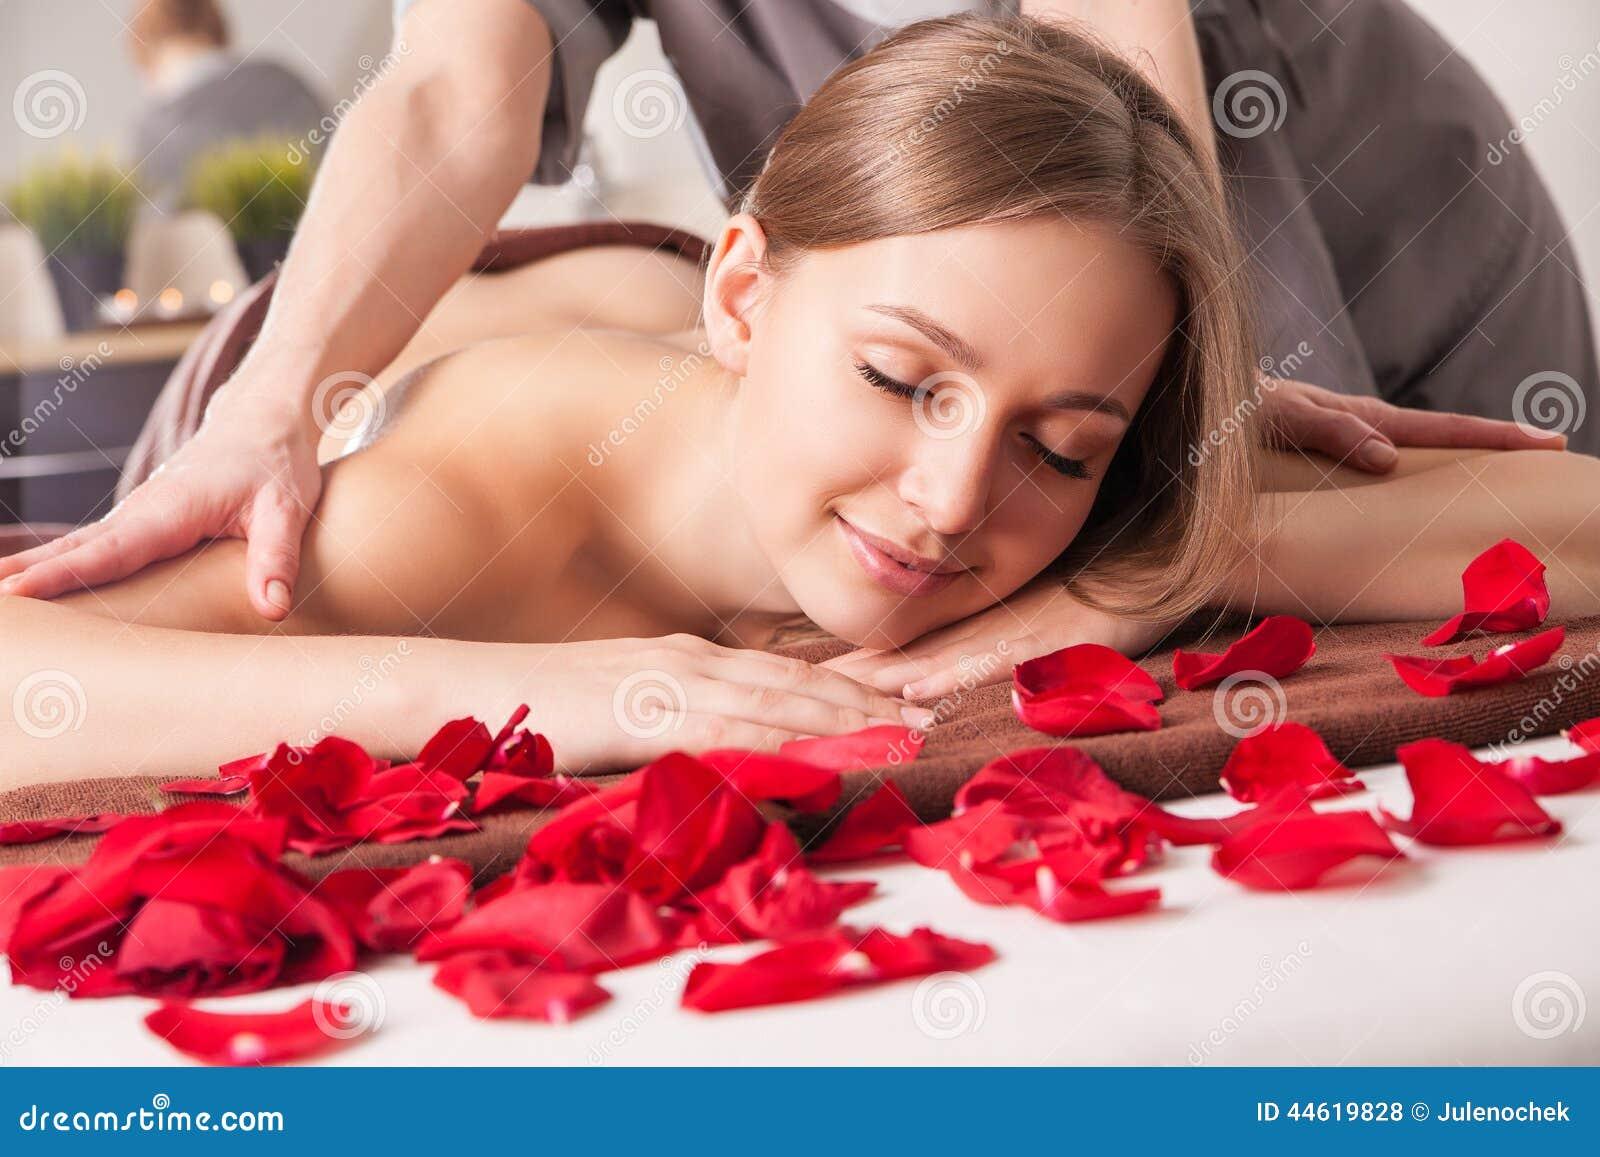 Эротический массаж с выездом на дом в москве 7 фотография